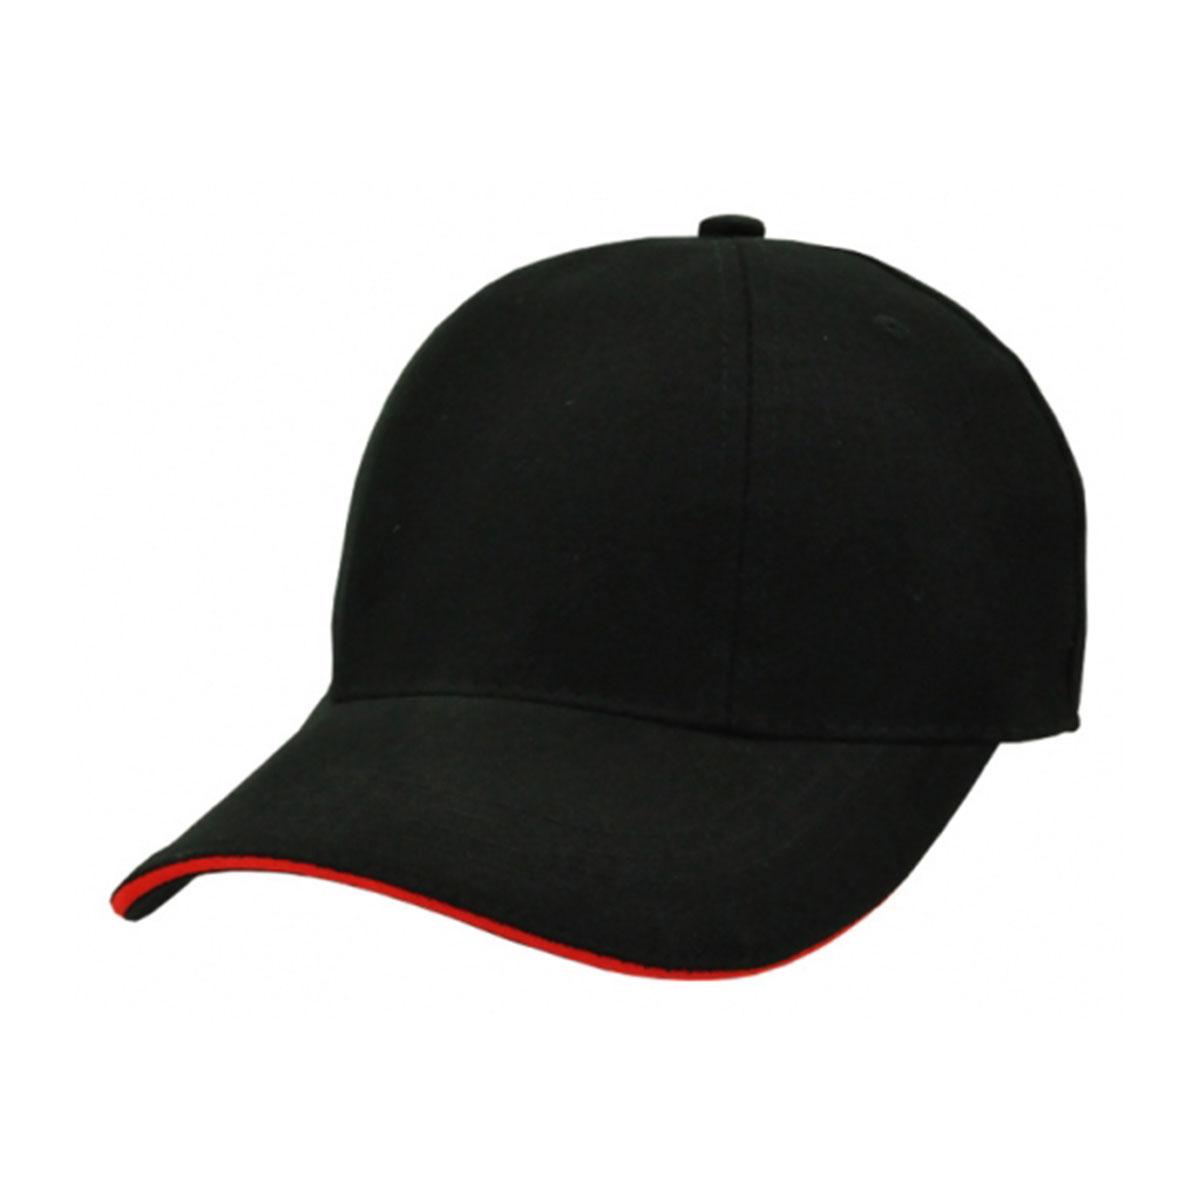 HBC Rotated Panel Cap-Black / Red